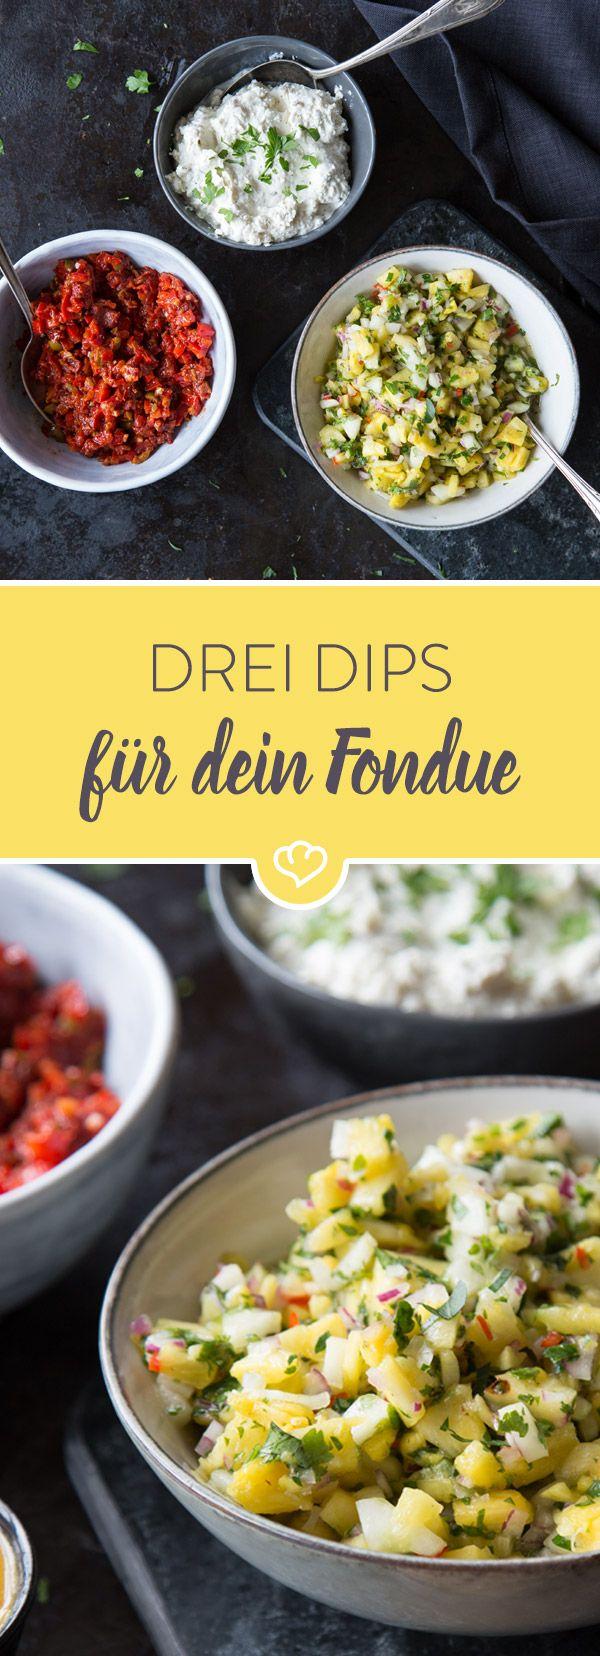 Für dein Fondue: Fetacreme, Oliven-Tomaten-Relish und scharfe Ananas-Salsa #fondue